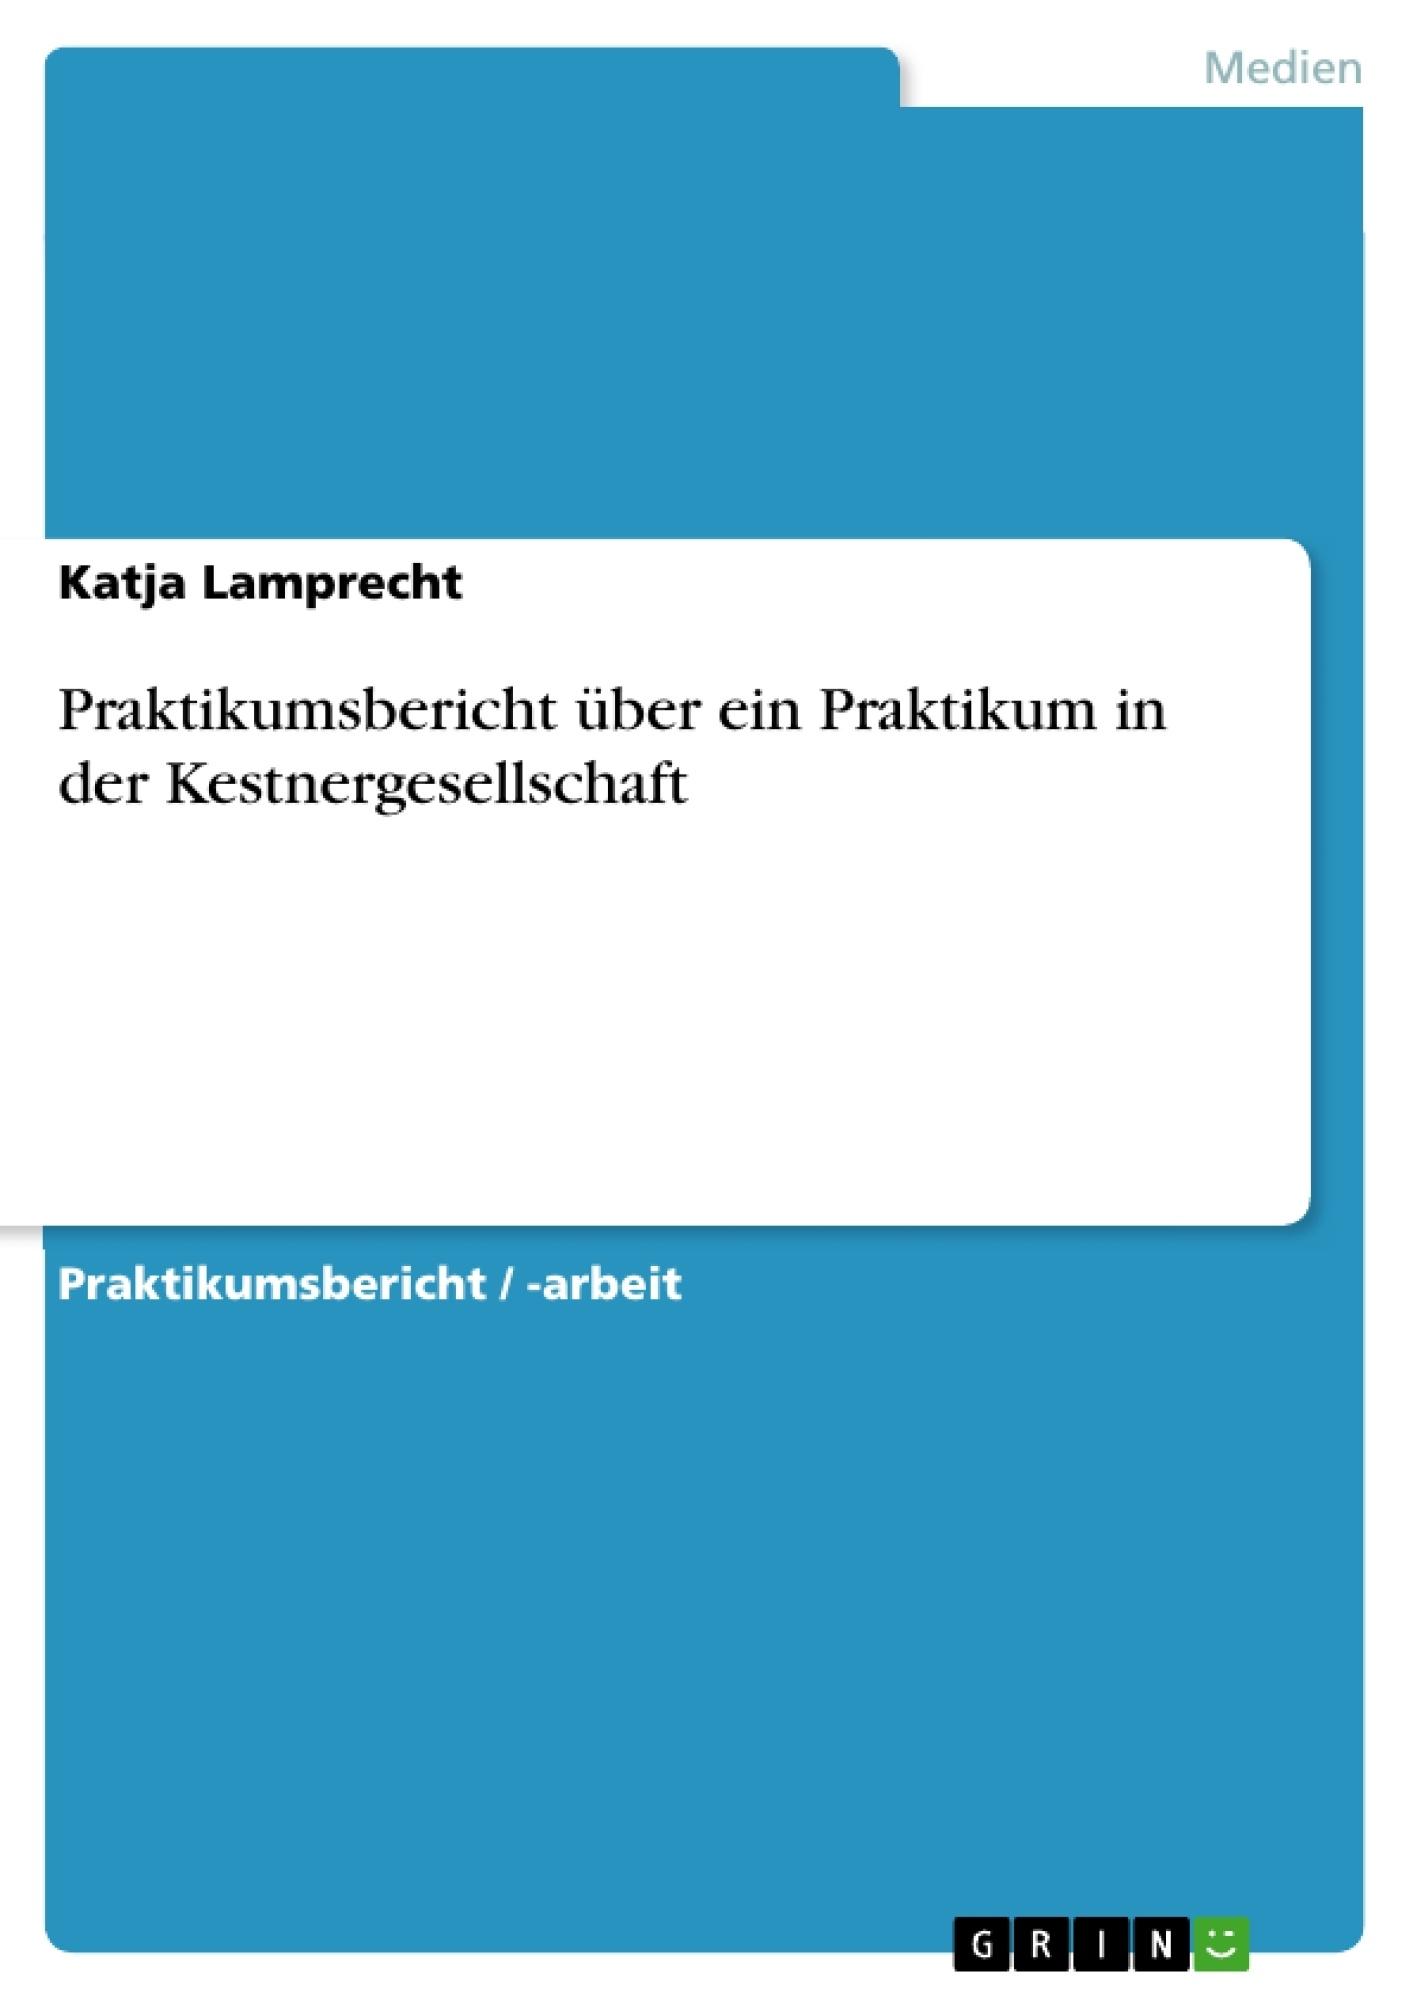 Titel: Praktikumsbericht über ein Praktikum in der Kestnergesellschaft